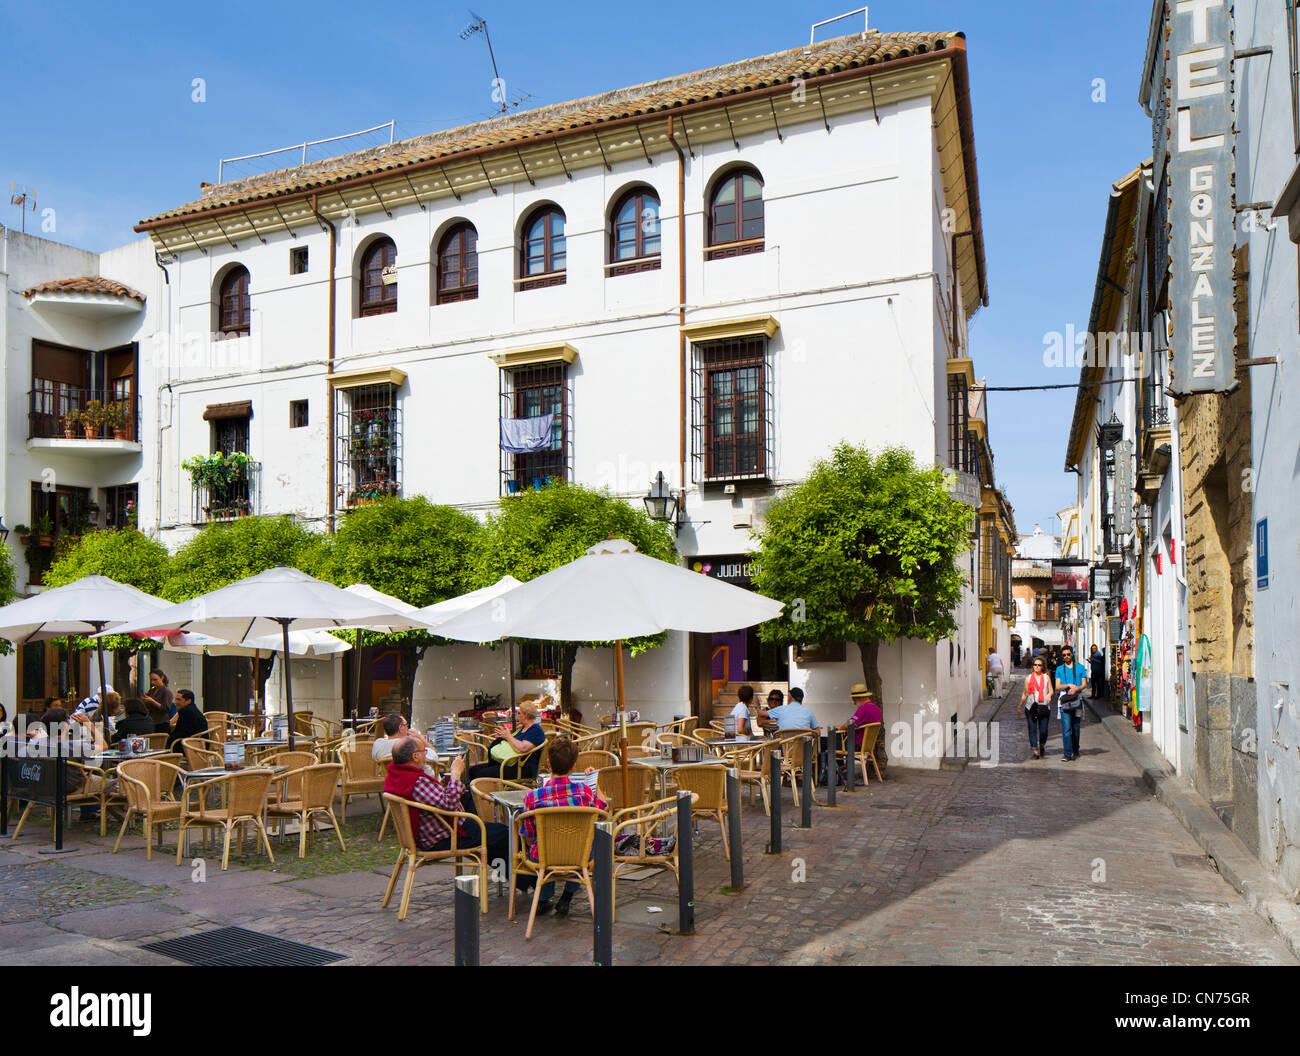 Levi Plaza Cafe Menu